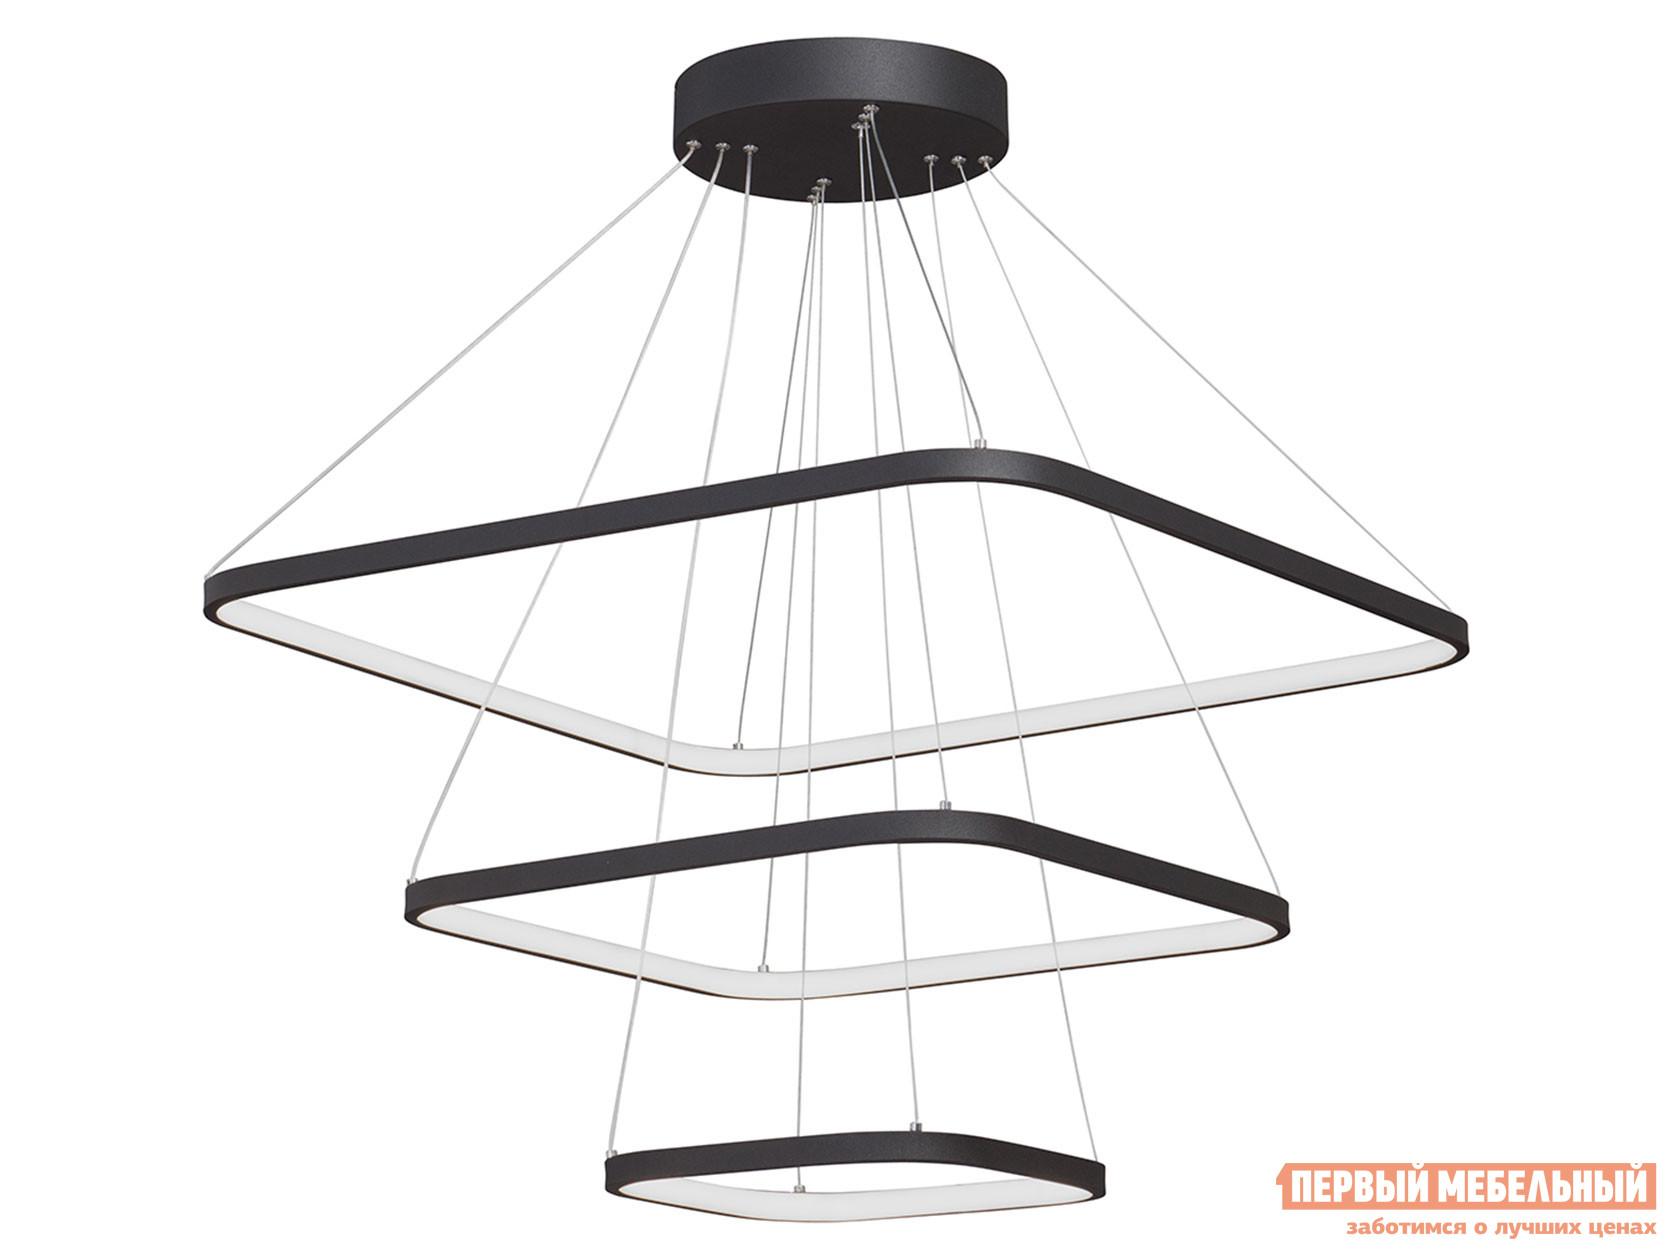 Фото - Подвесной светильник КСК-электро Светодиодный светильник V4617-1/3S, LED 115Вт, 3900-4200K подвесной светильник кск электро светодиодный светильник v4617 1 2s led 91вт 3900 4200k